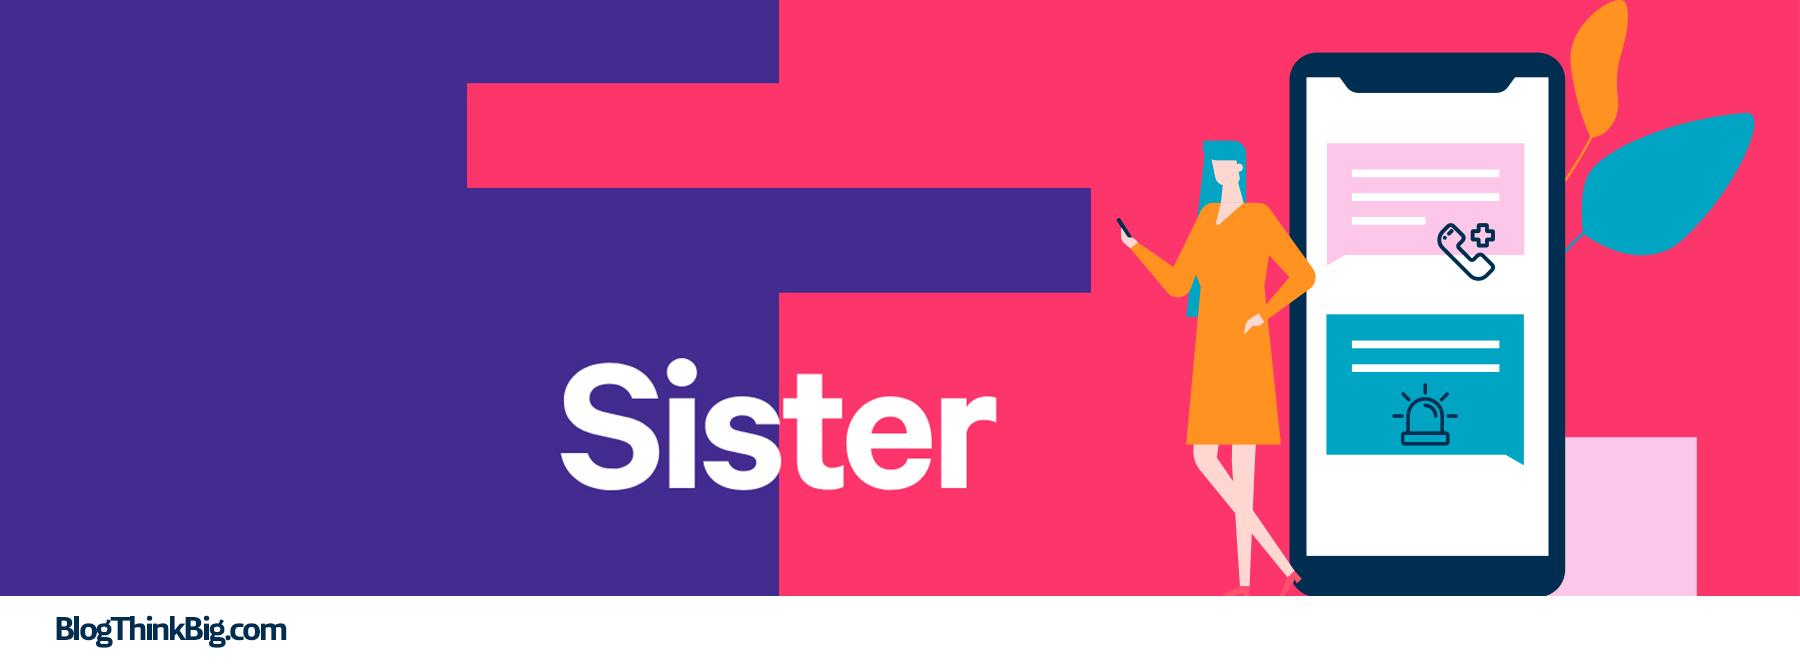 Sister, la app de emergencia para sentirse seguro en la calle